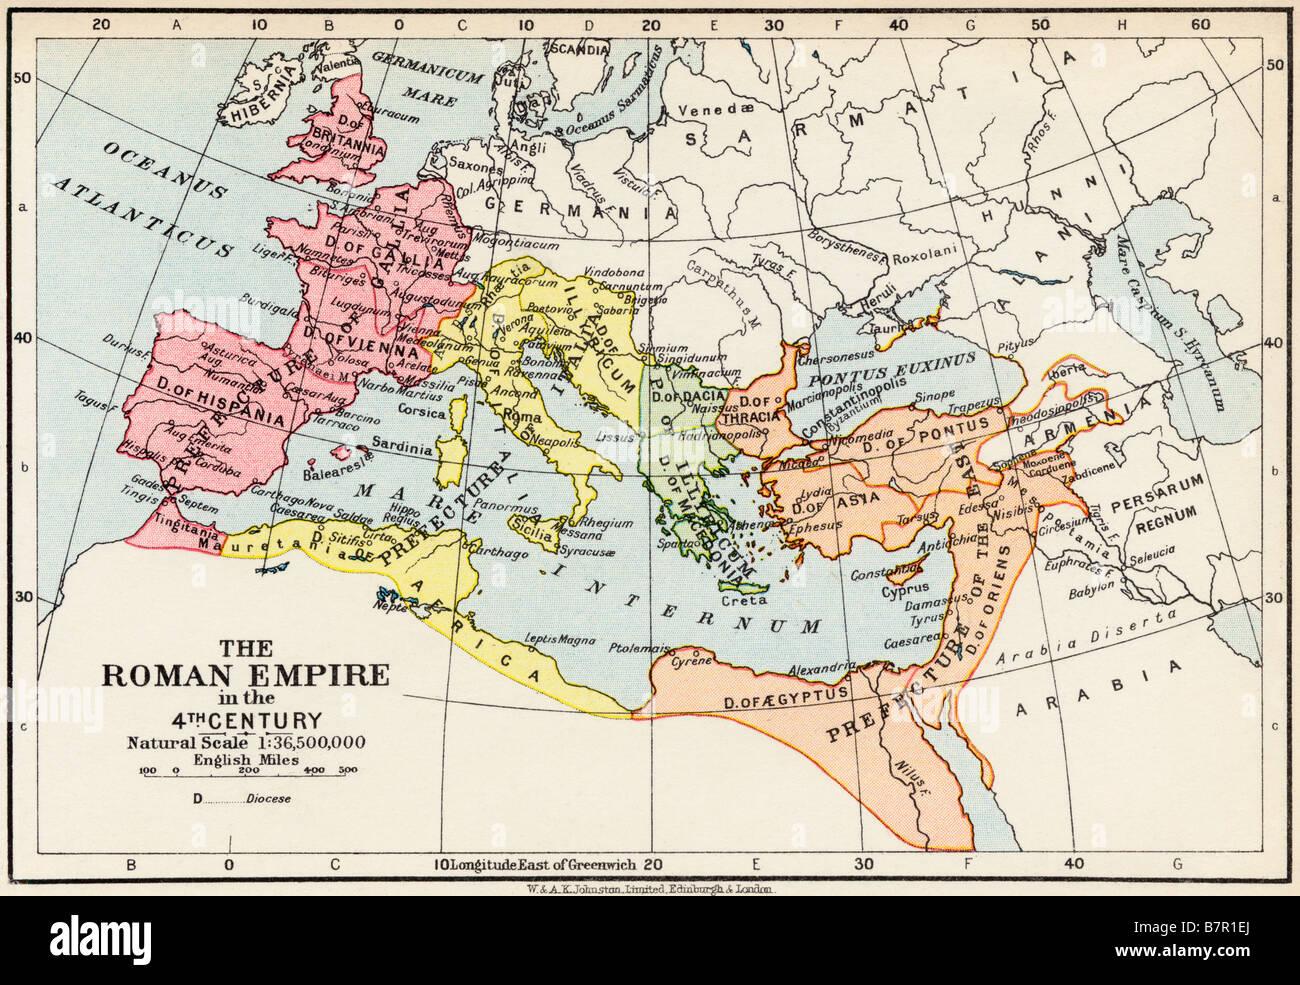 La carte de l'Empire romain au 4ème siècle Photo Stock